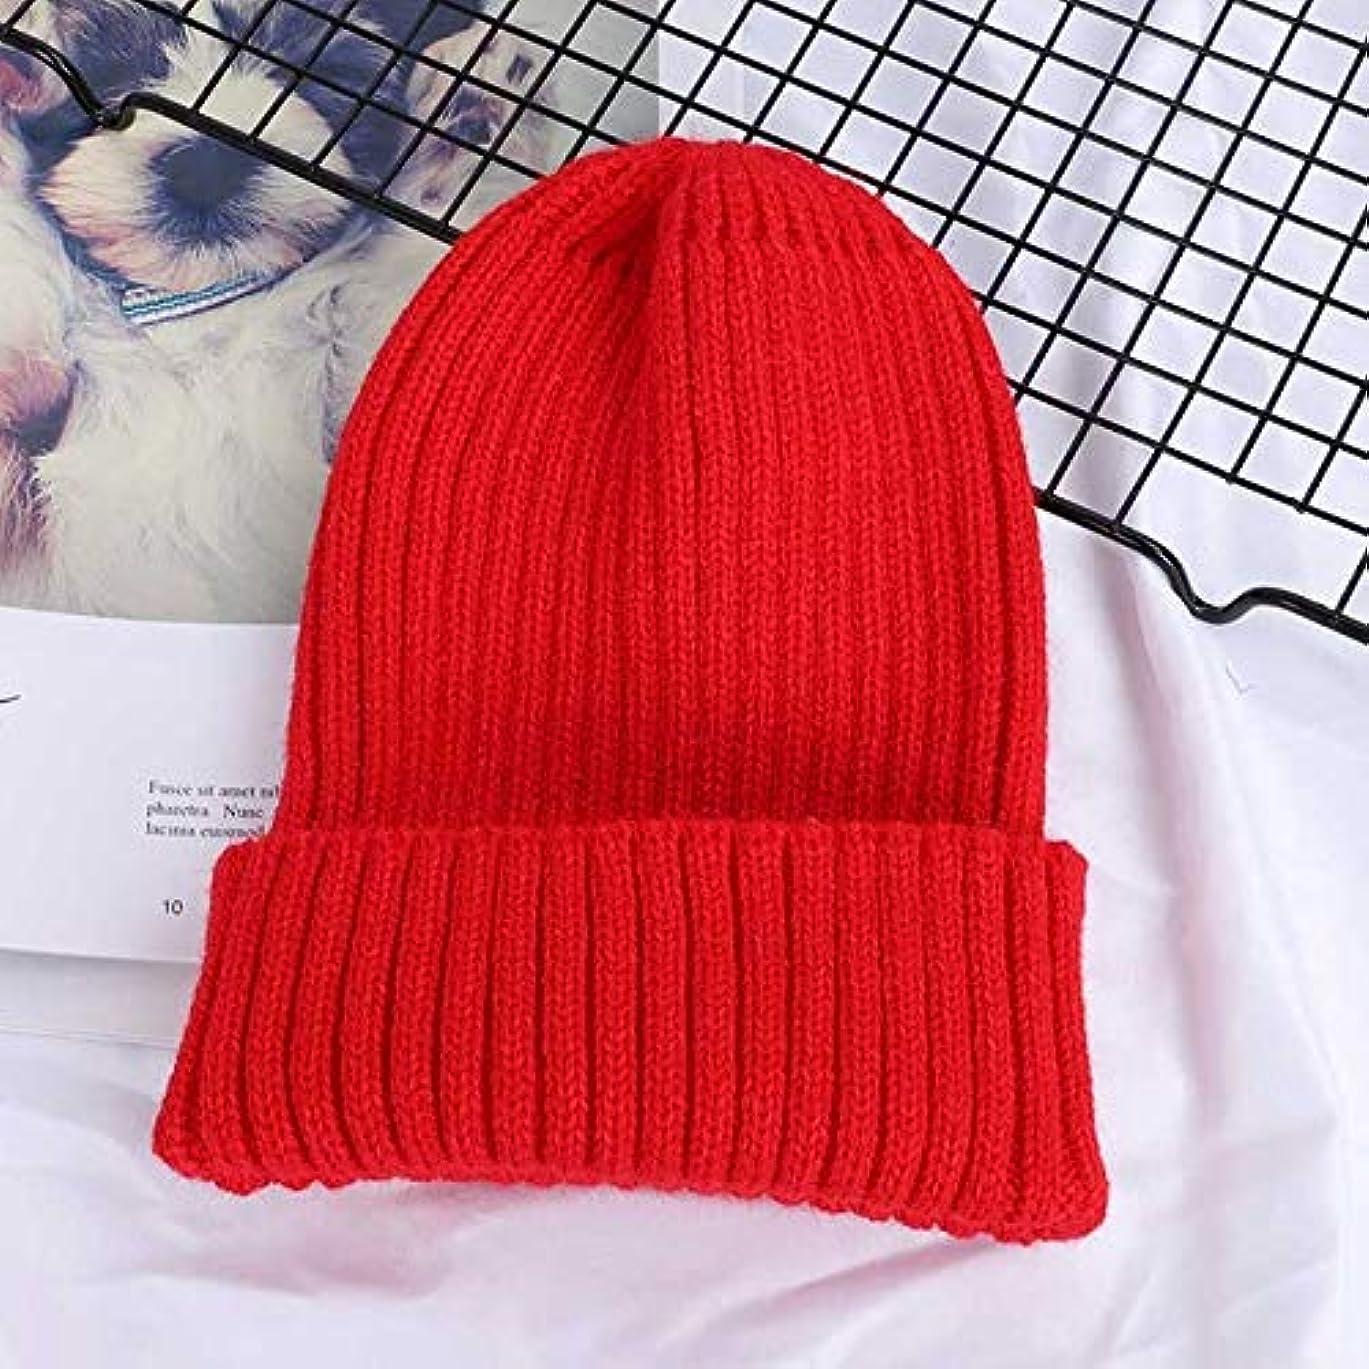 ラッシュ気取らない主婦ZHENGDANG 冬の無地ニットビーニー女性帽子暖かい女性ソフト厚くキャップ??ボンネットスキー